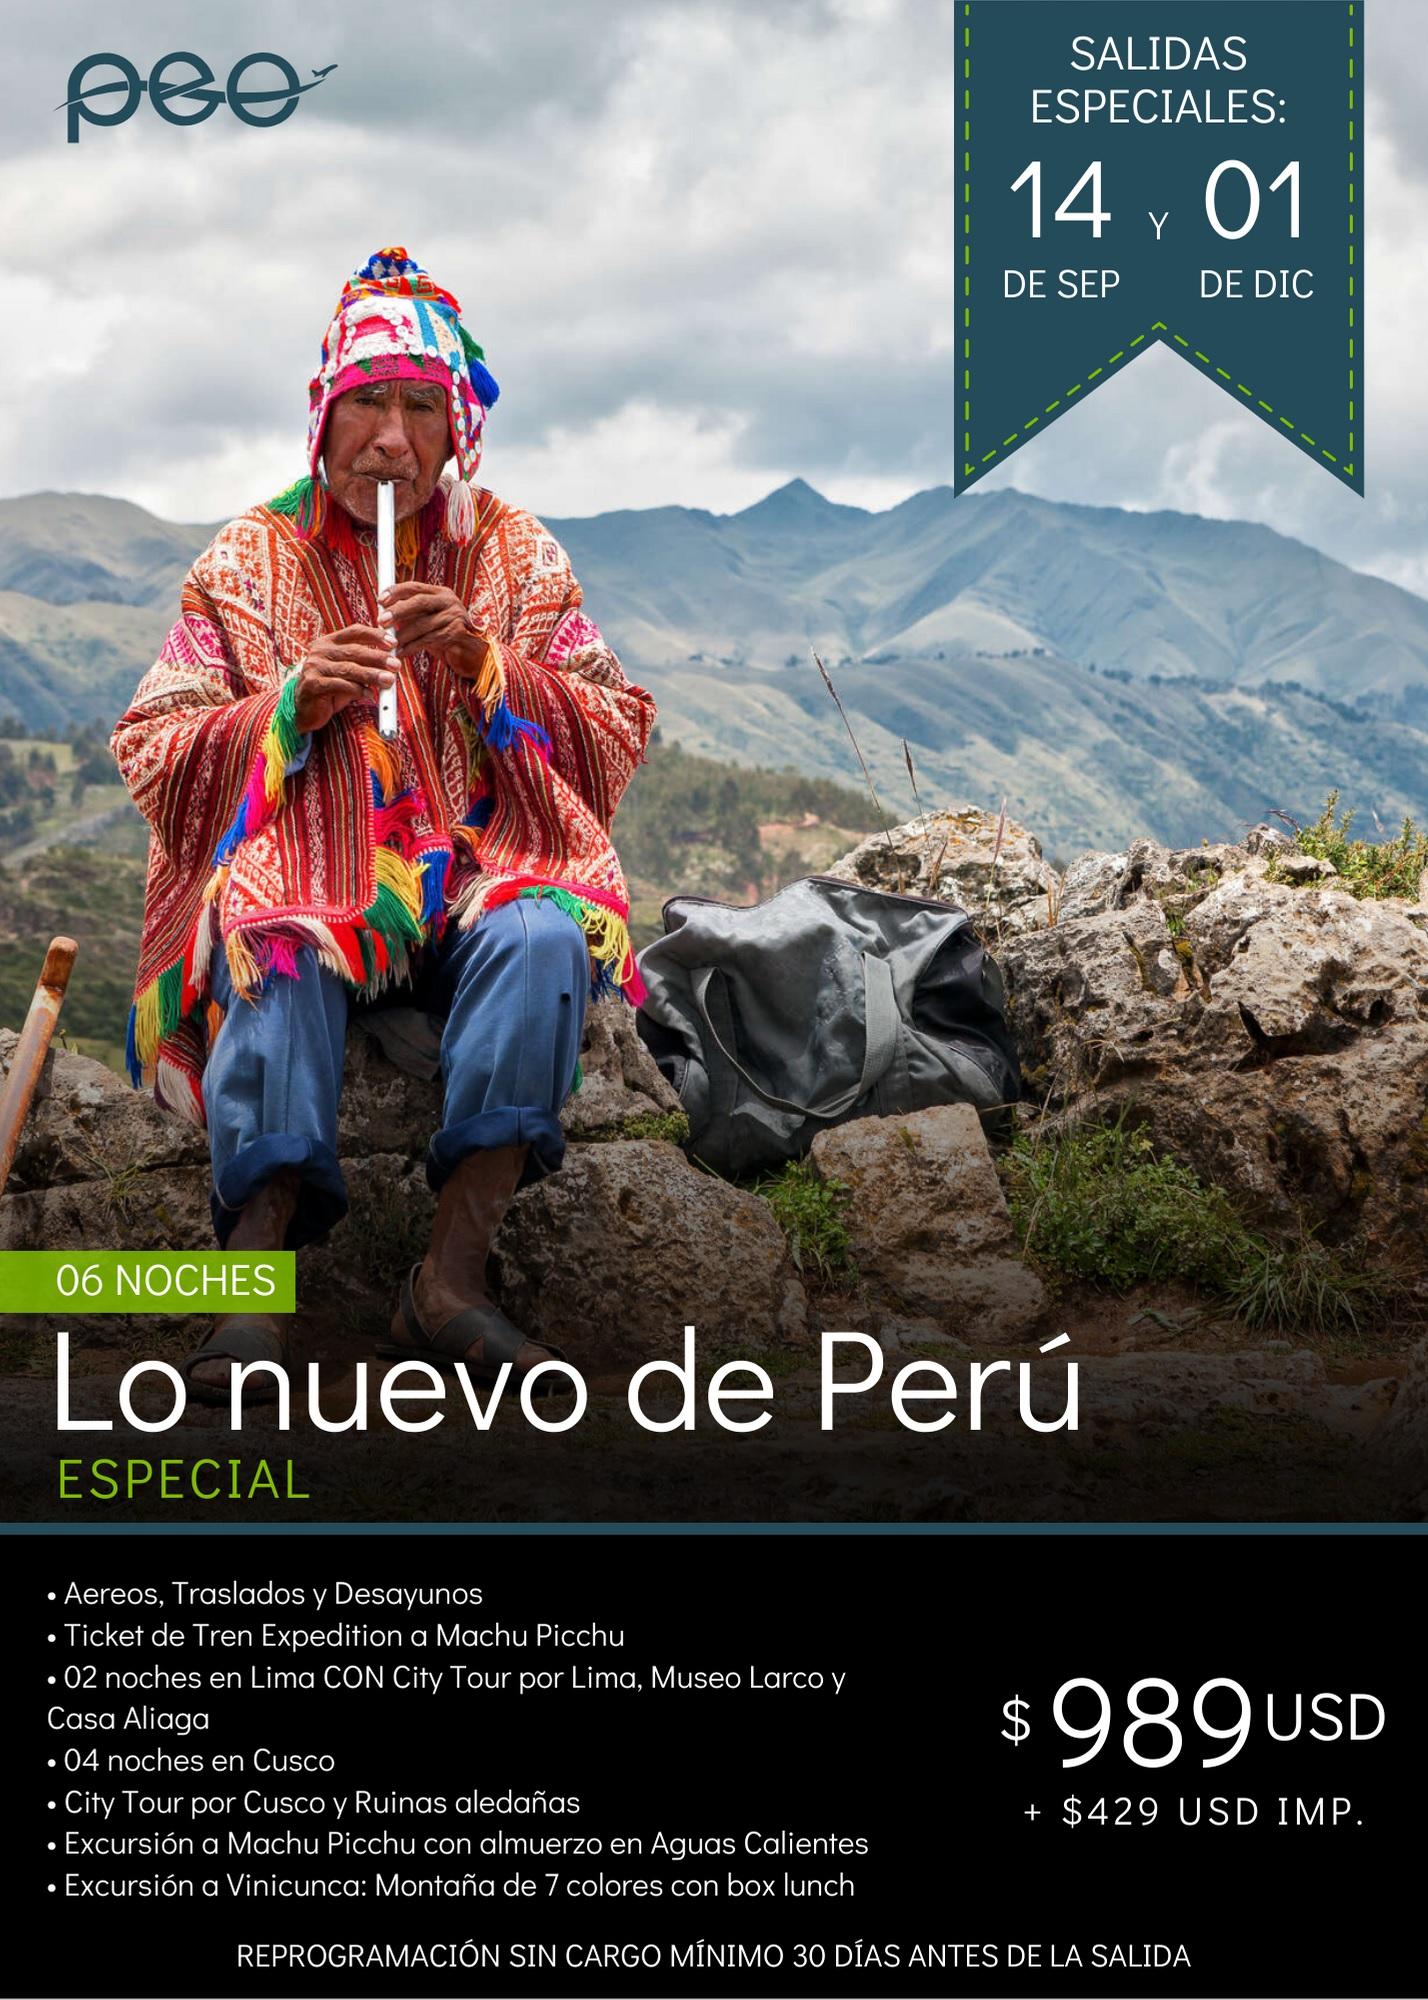 https://0201.nccdn.net/1_2/000/000/196/af7/Machu-Picchu-y-7-colores.jpg